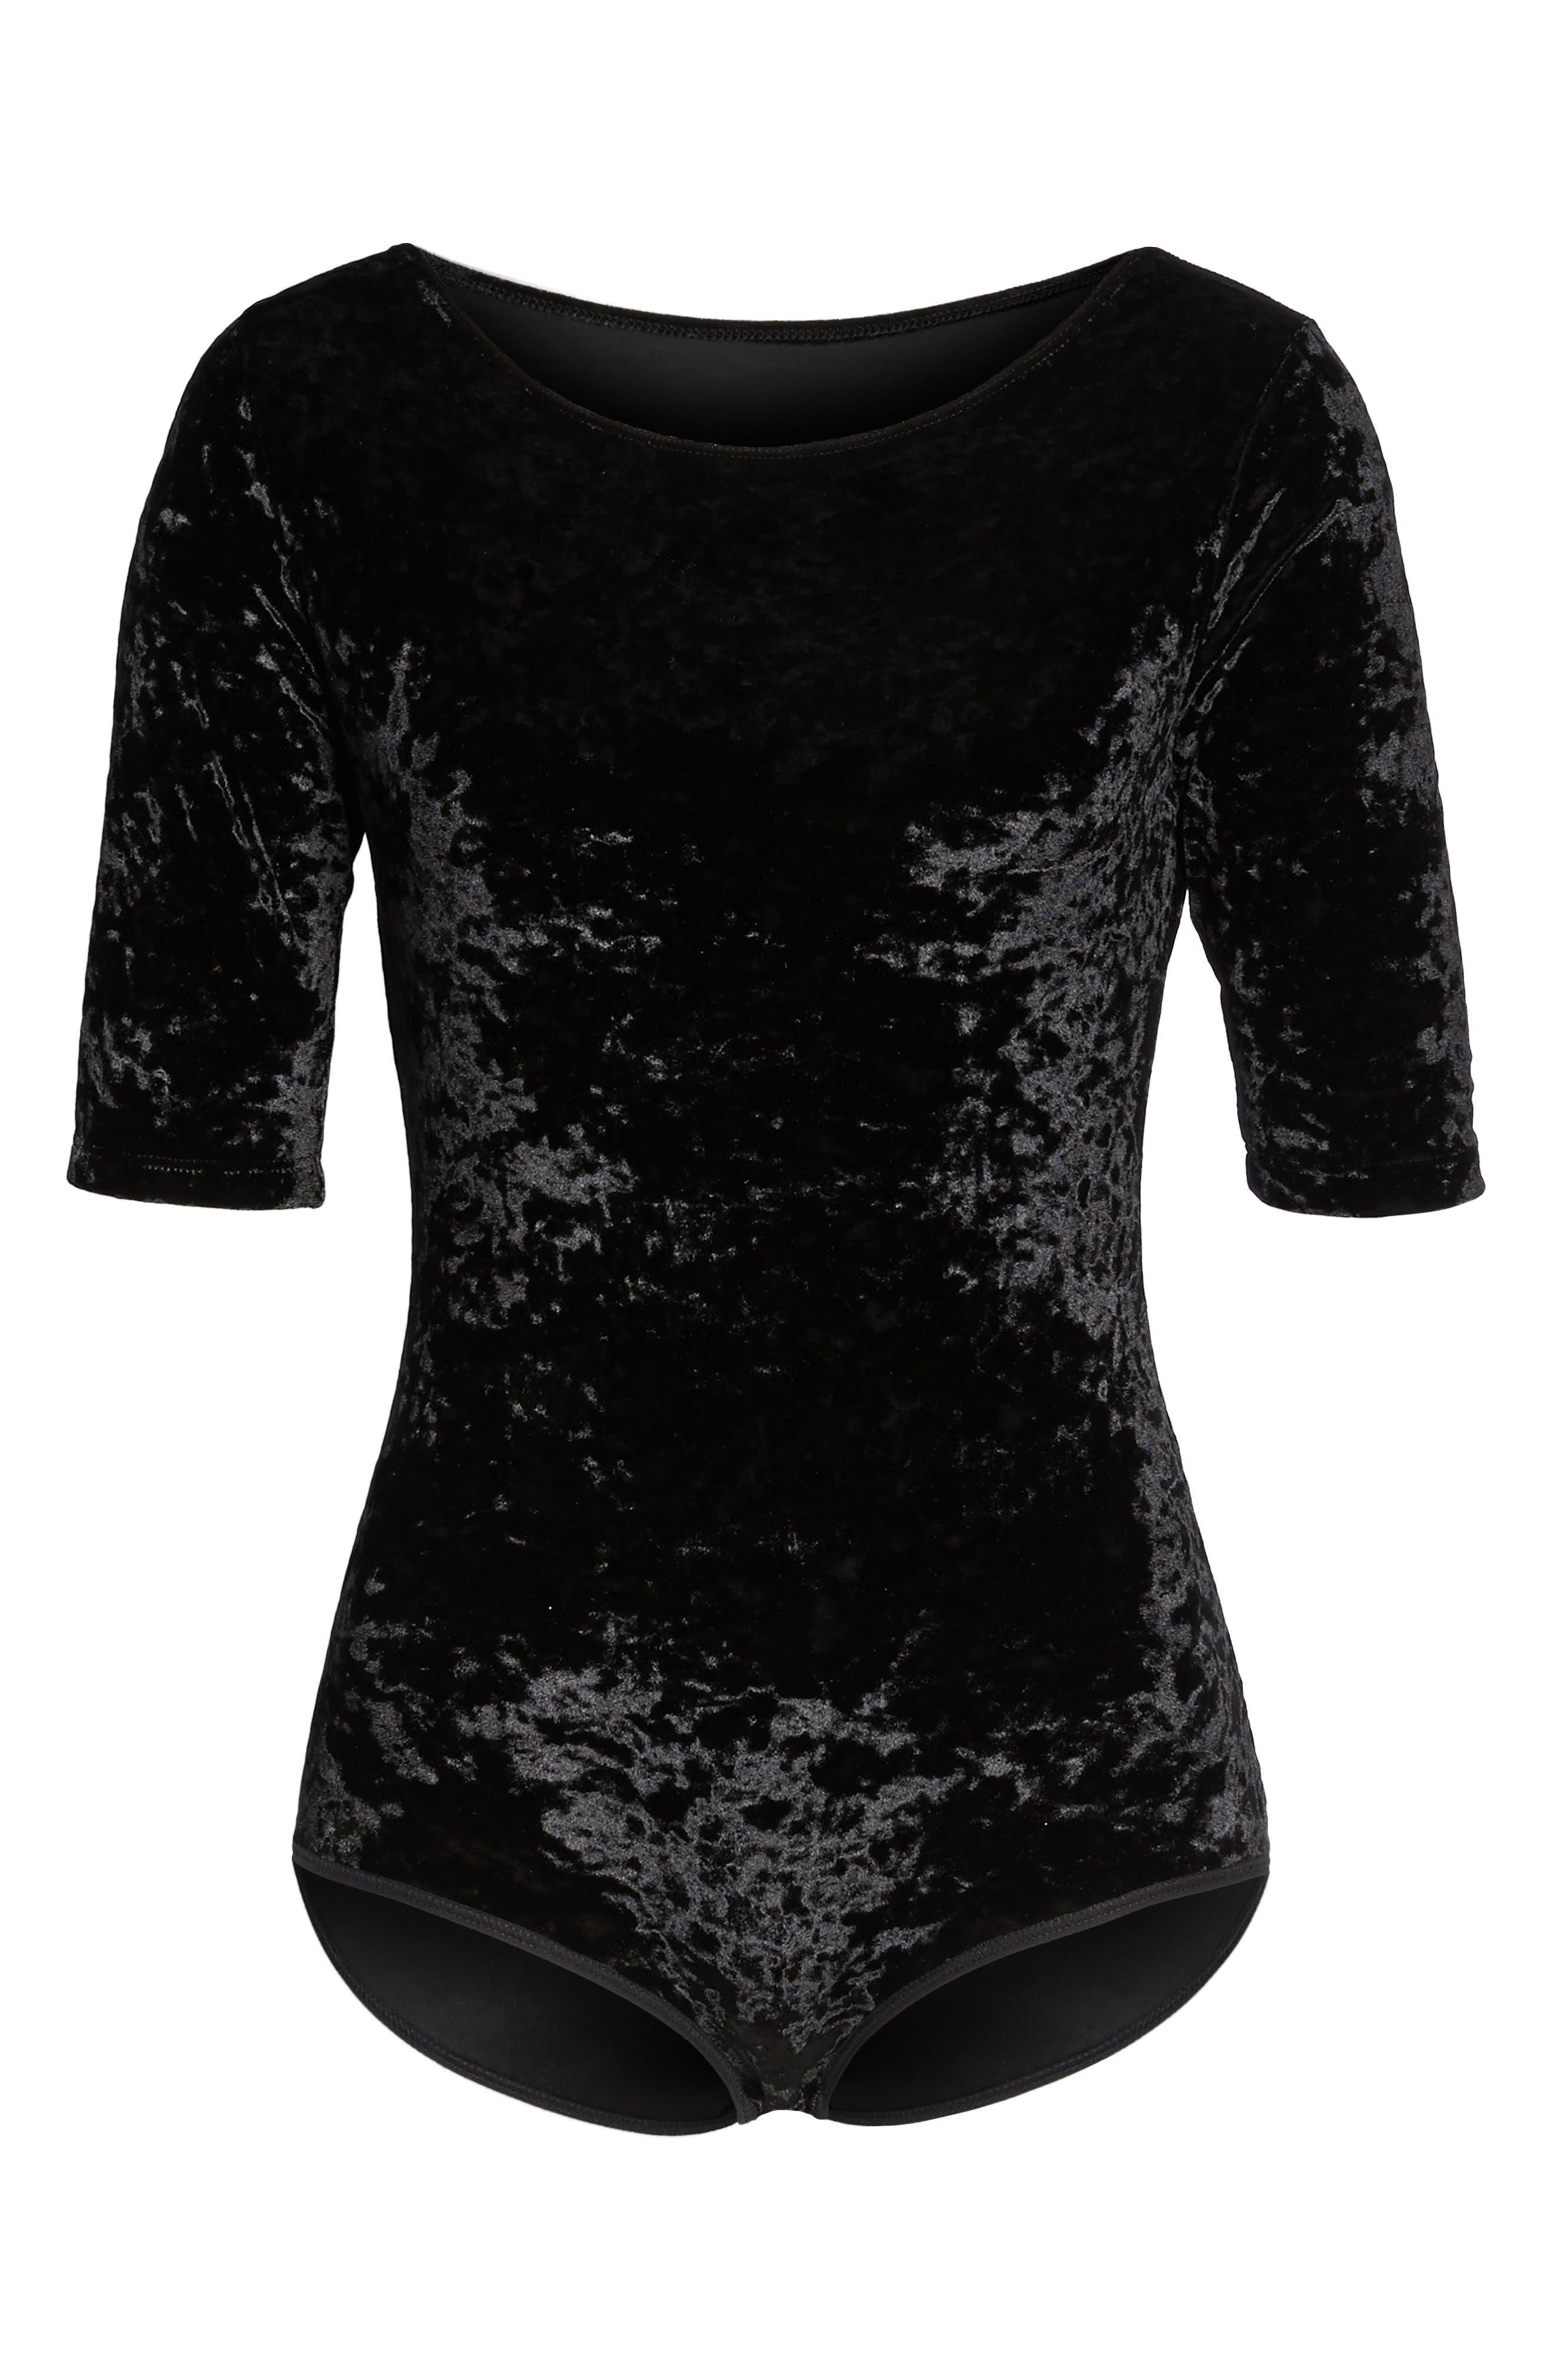 Panne Velvet Bodysuit,                             Alternate thumbnail 4, color,                             Black